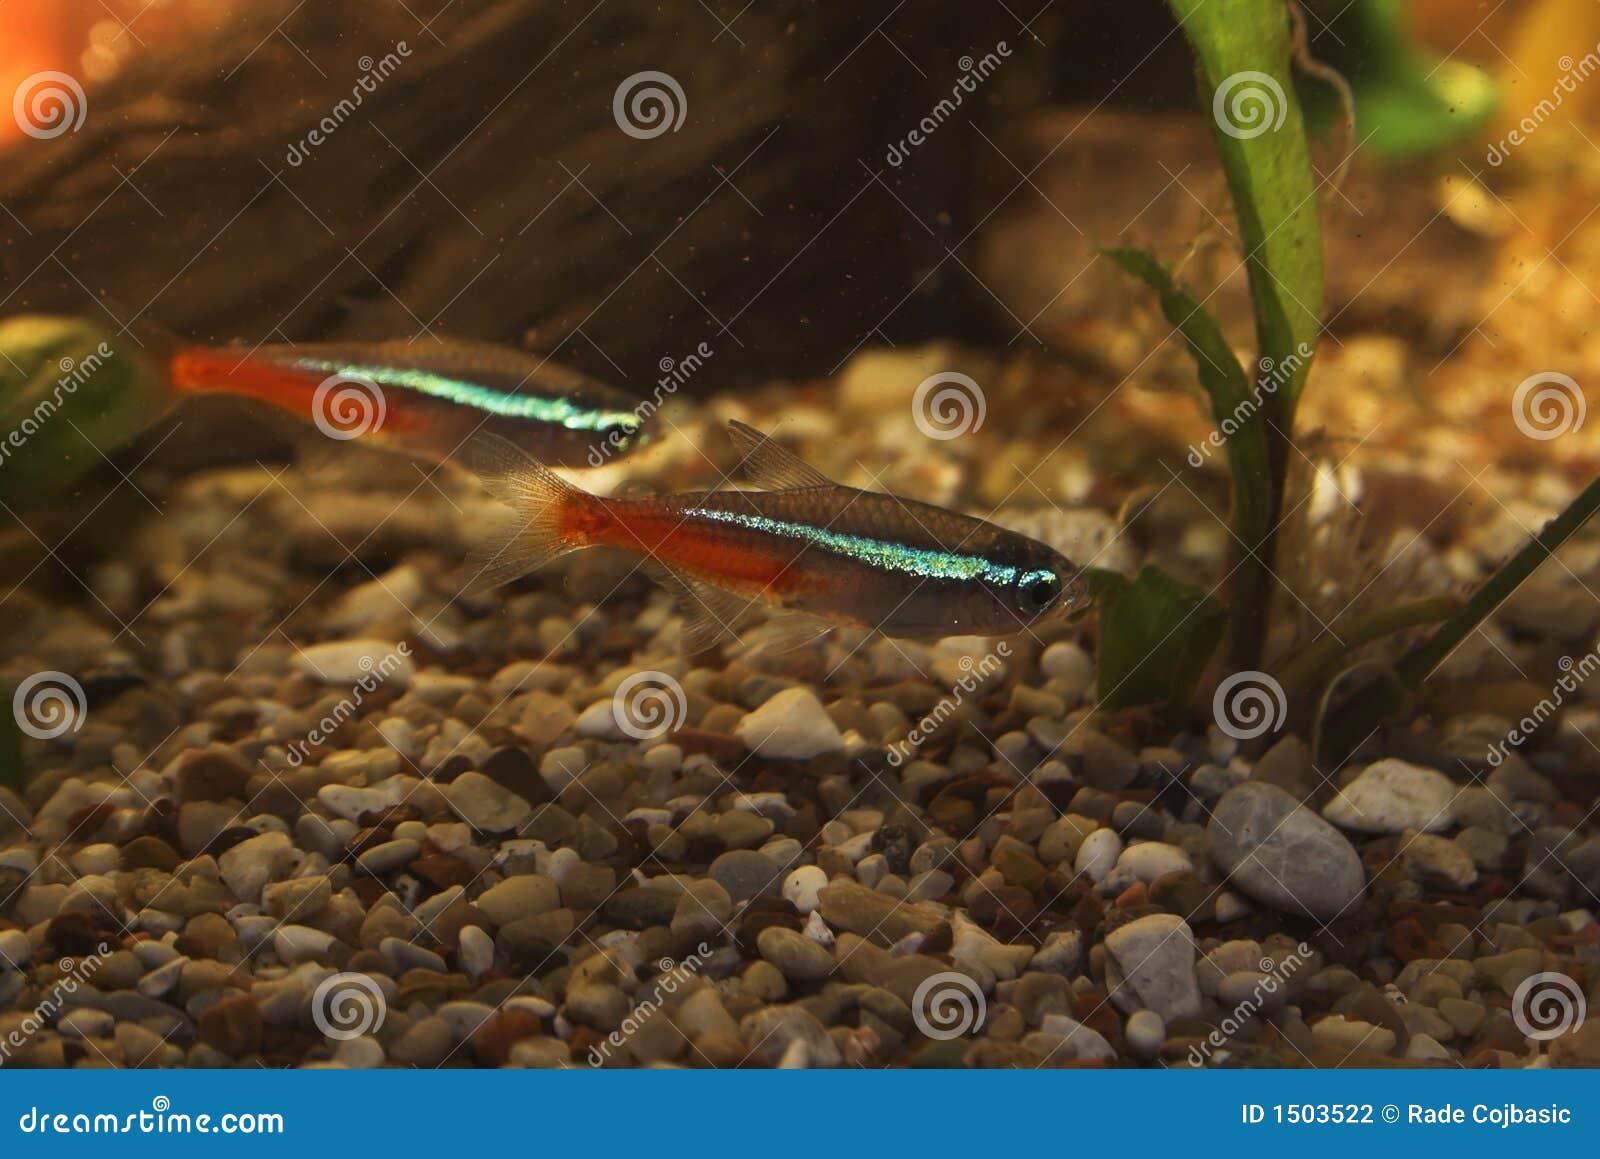 Neon Tetra In Aquarium Stock Photo Image Of Underwater 1503522